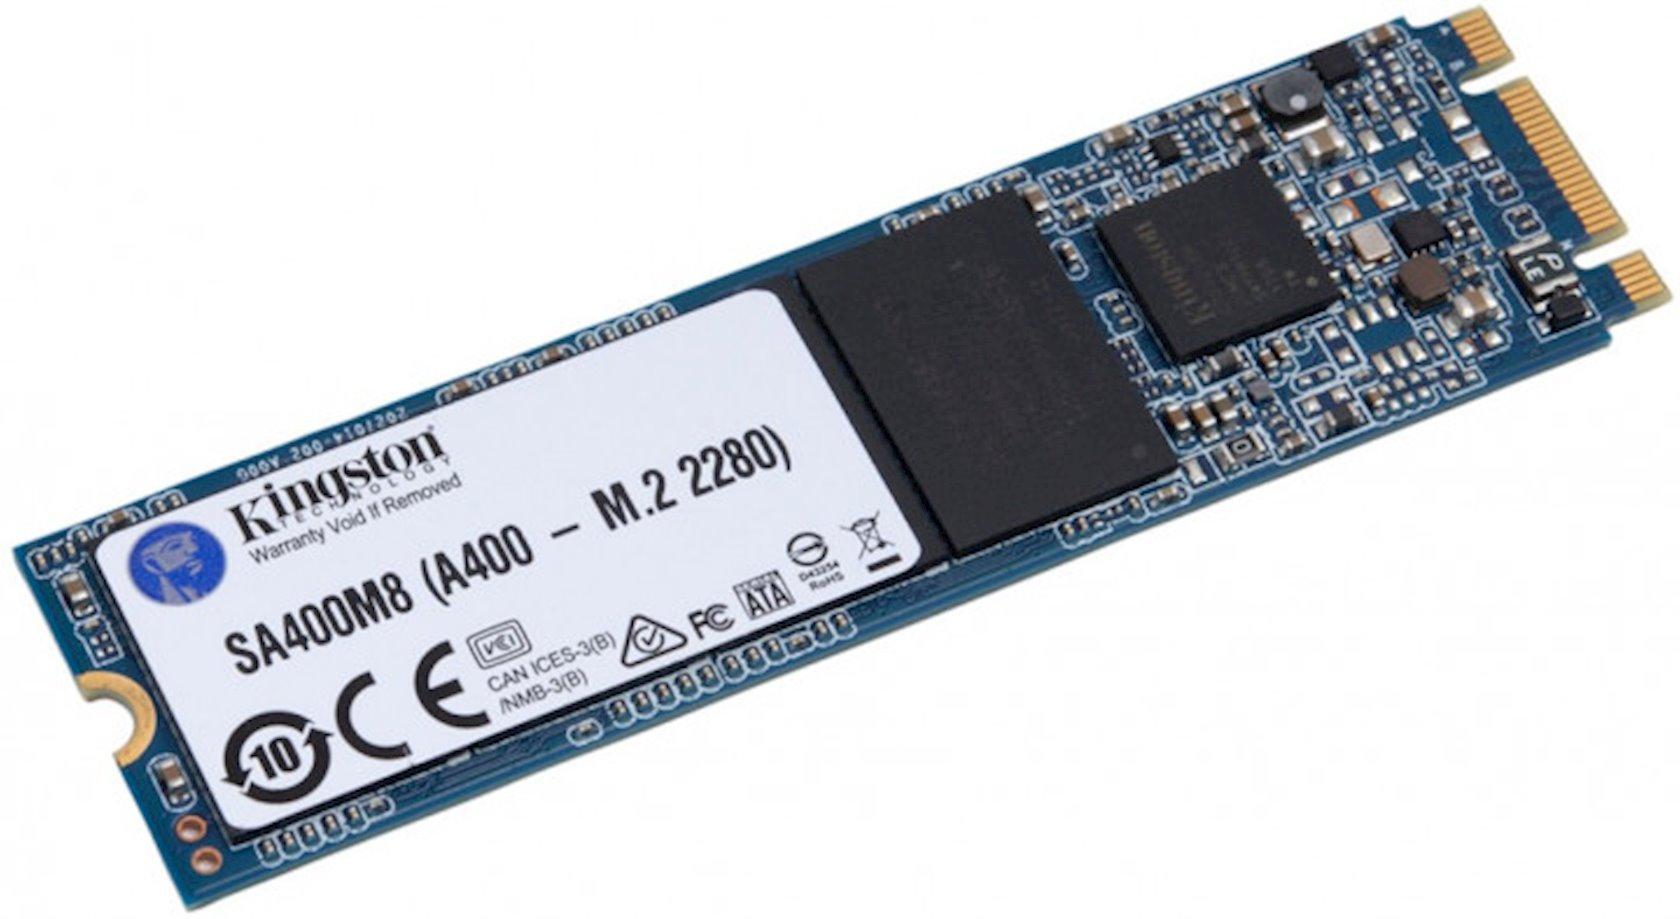 Disk SSD Kingston 480G SSDNOW A400 M.2 2280 SSD